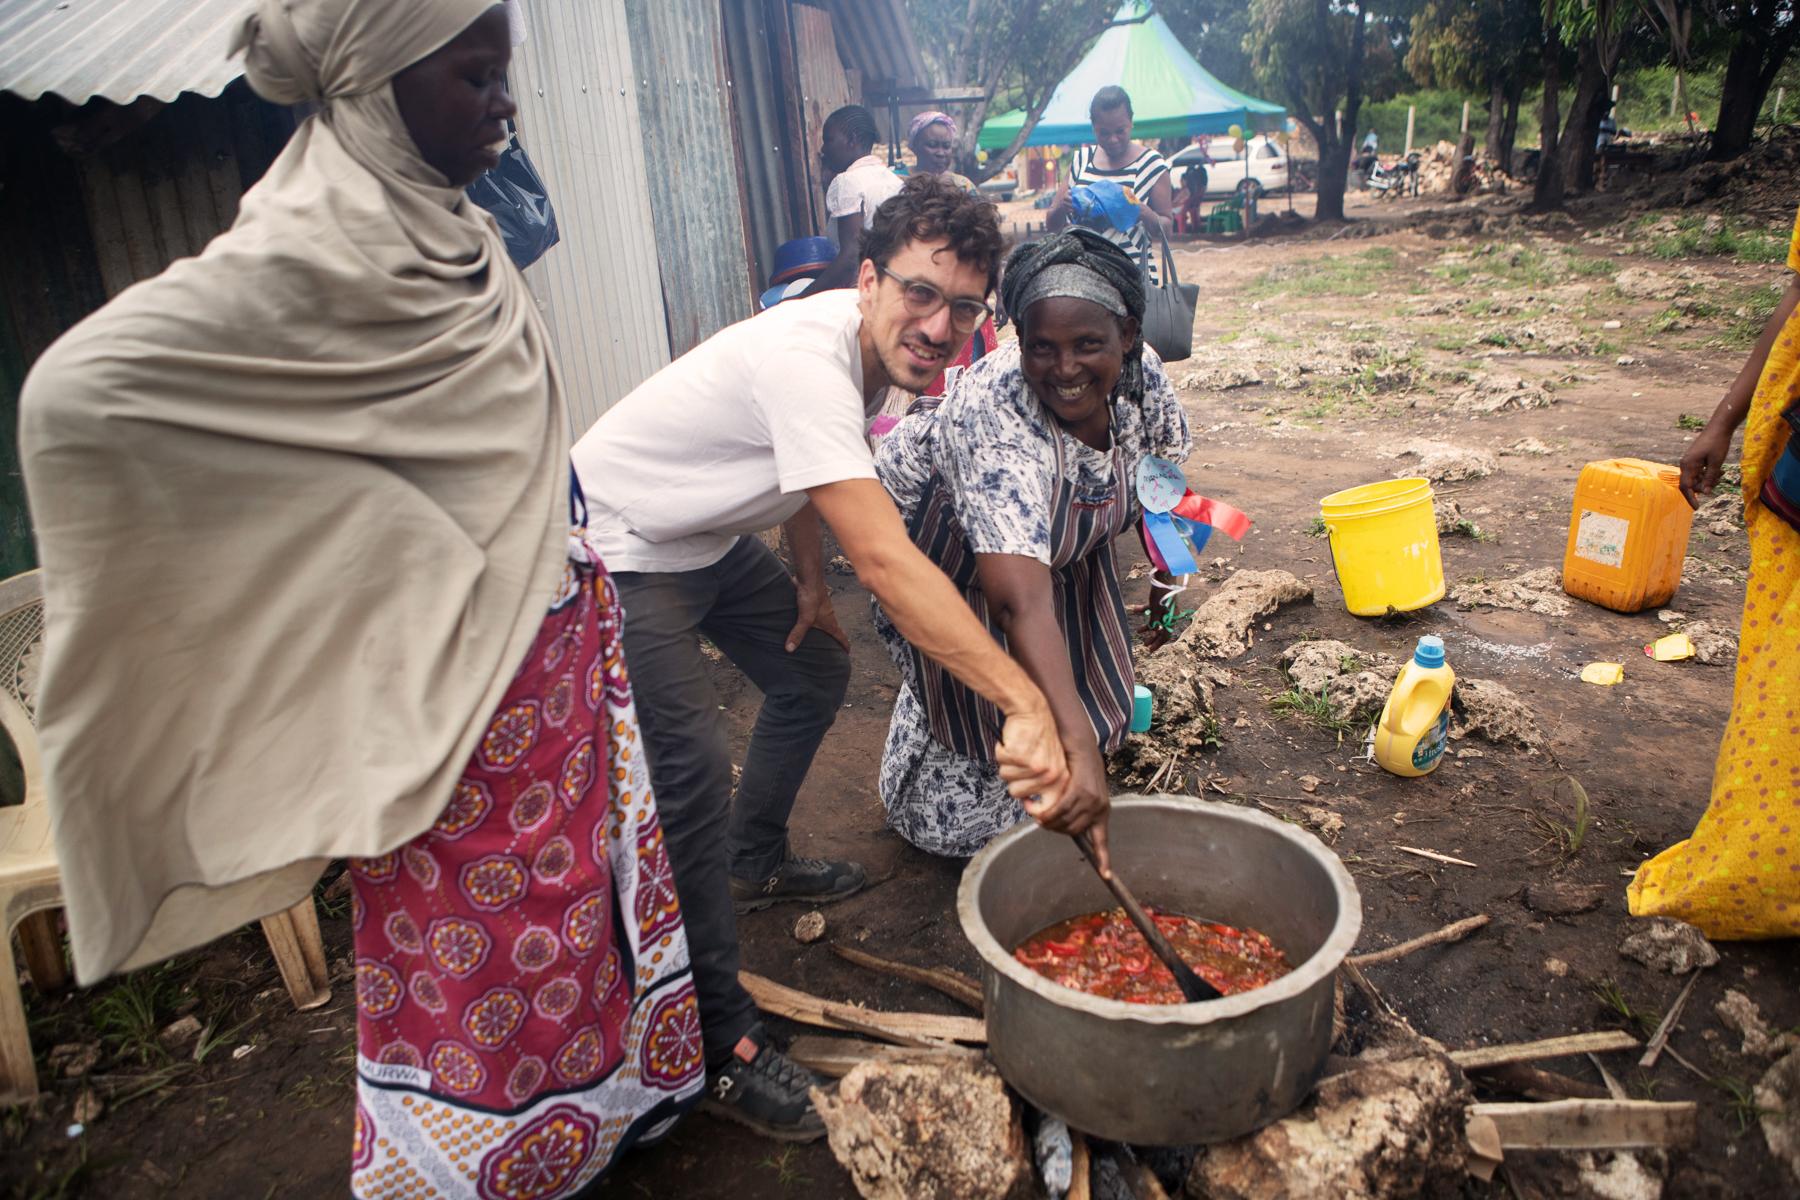 Kochen mit vereinten Kräften für über 300 Leute